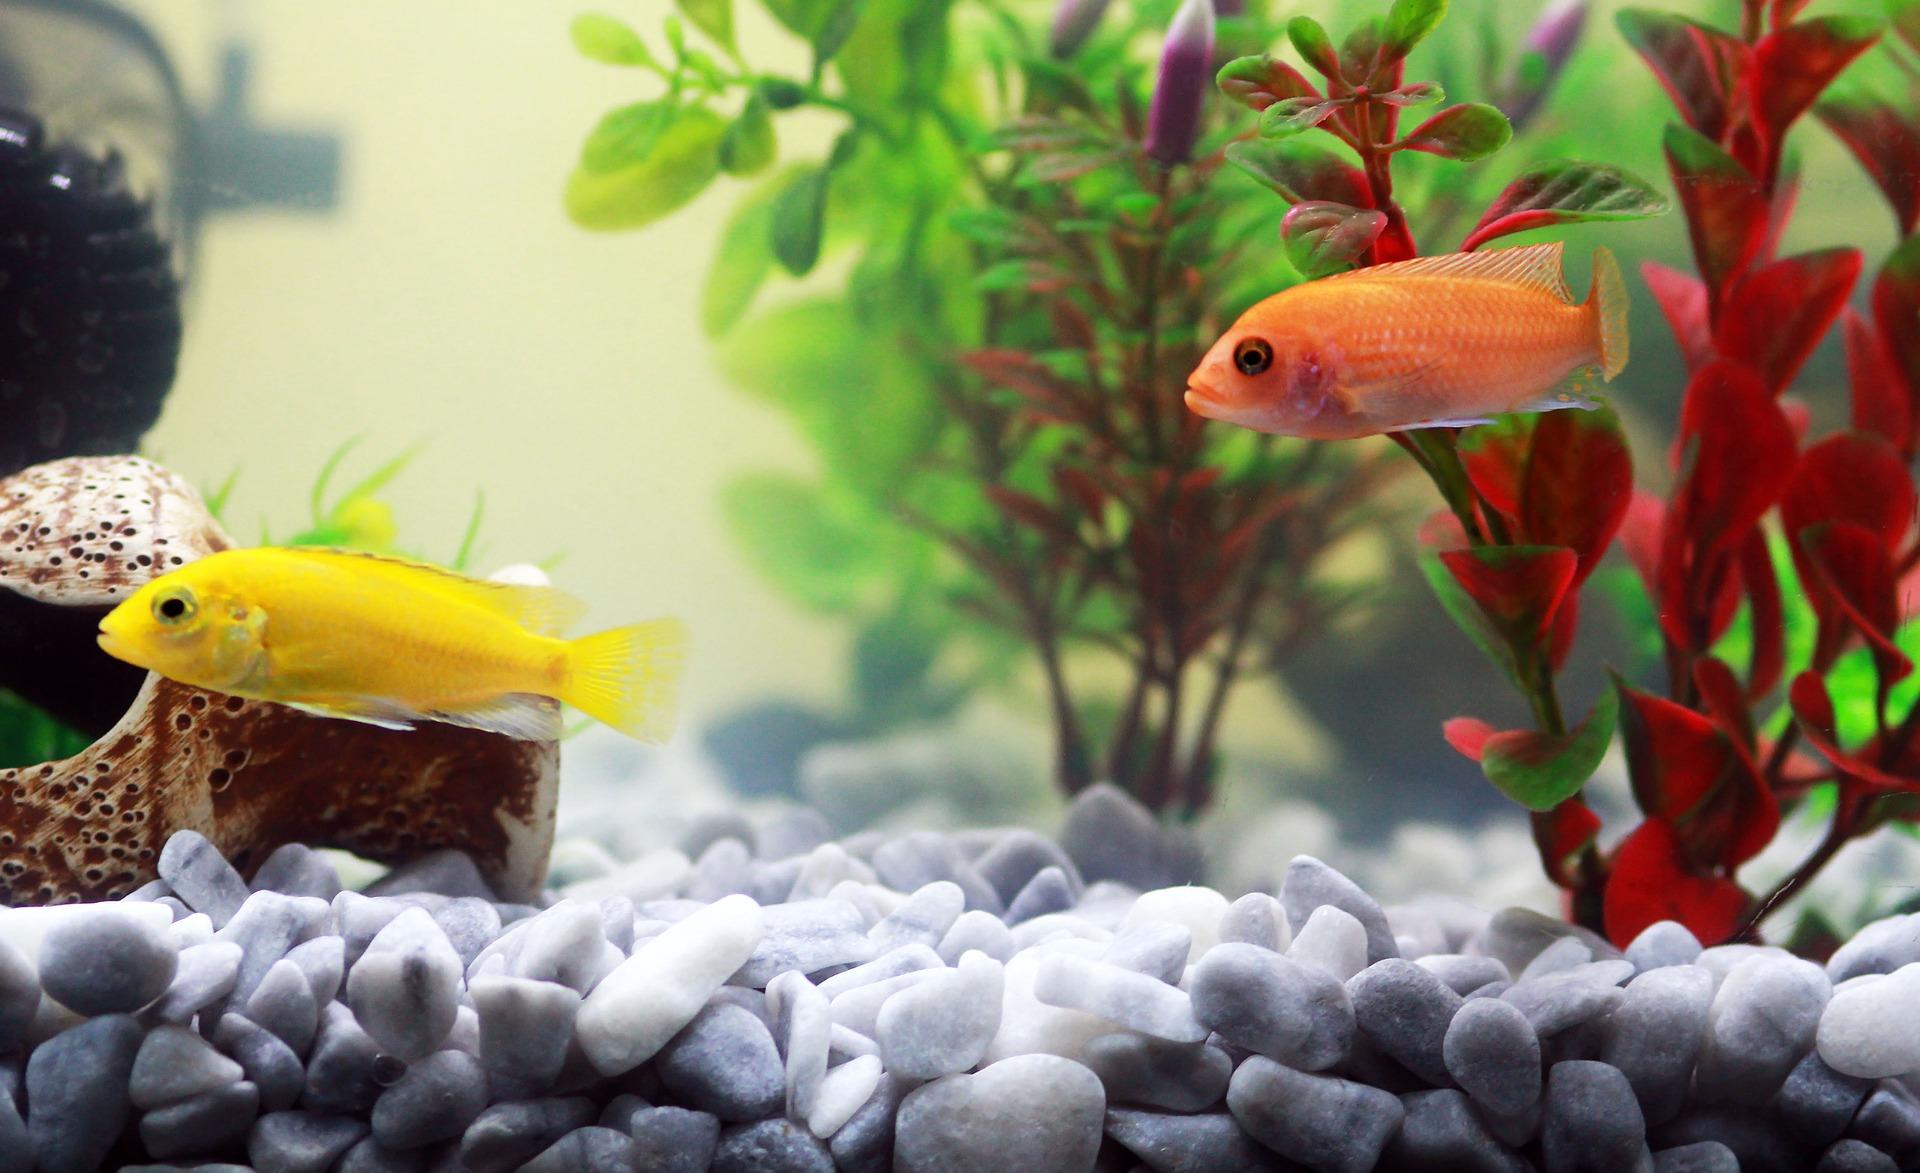 Pierwszym krokiem w aranżacji akwarium jest określenie jego typu, czy chcemy i planujemy zakup ryb słodkowodnych czy słonowodnych.